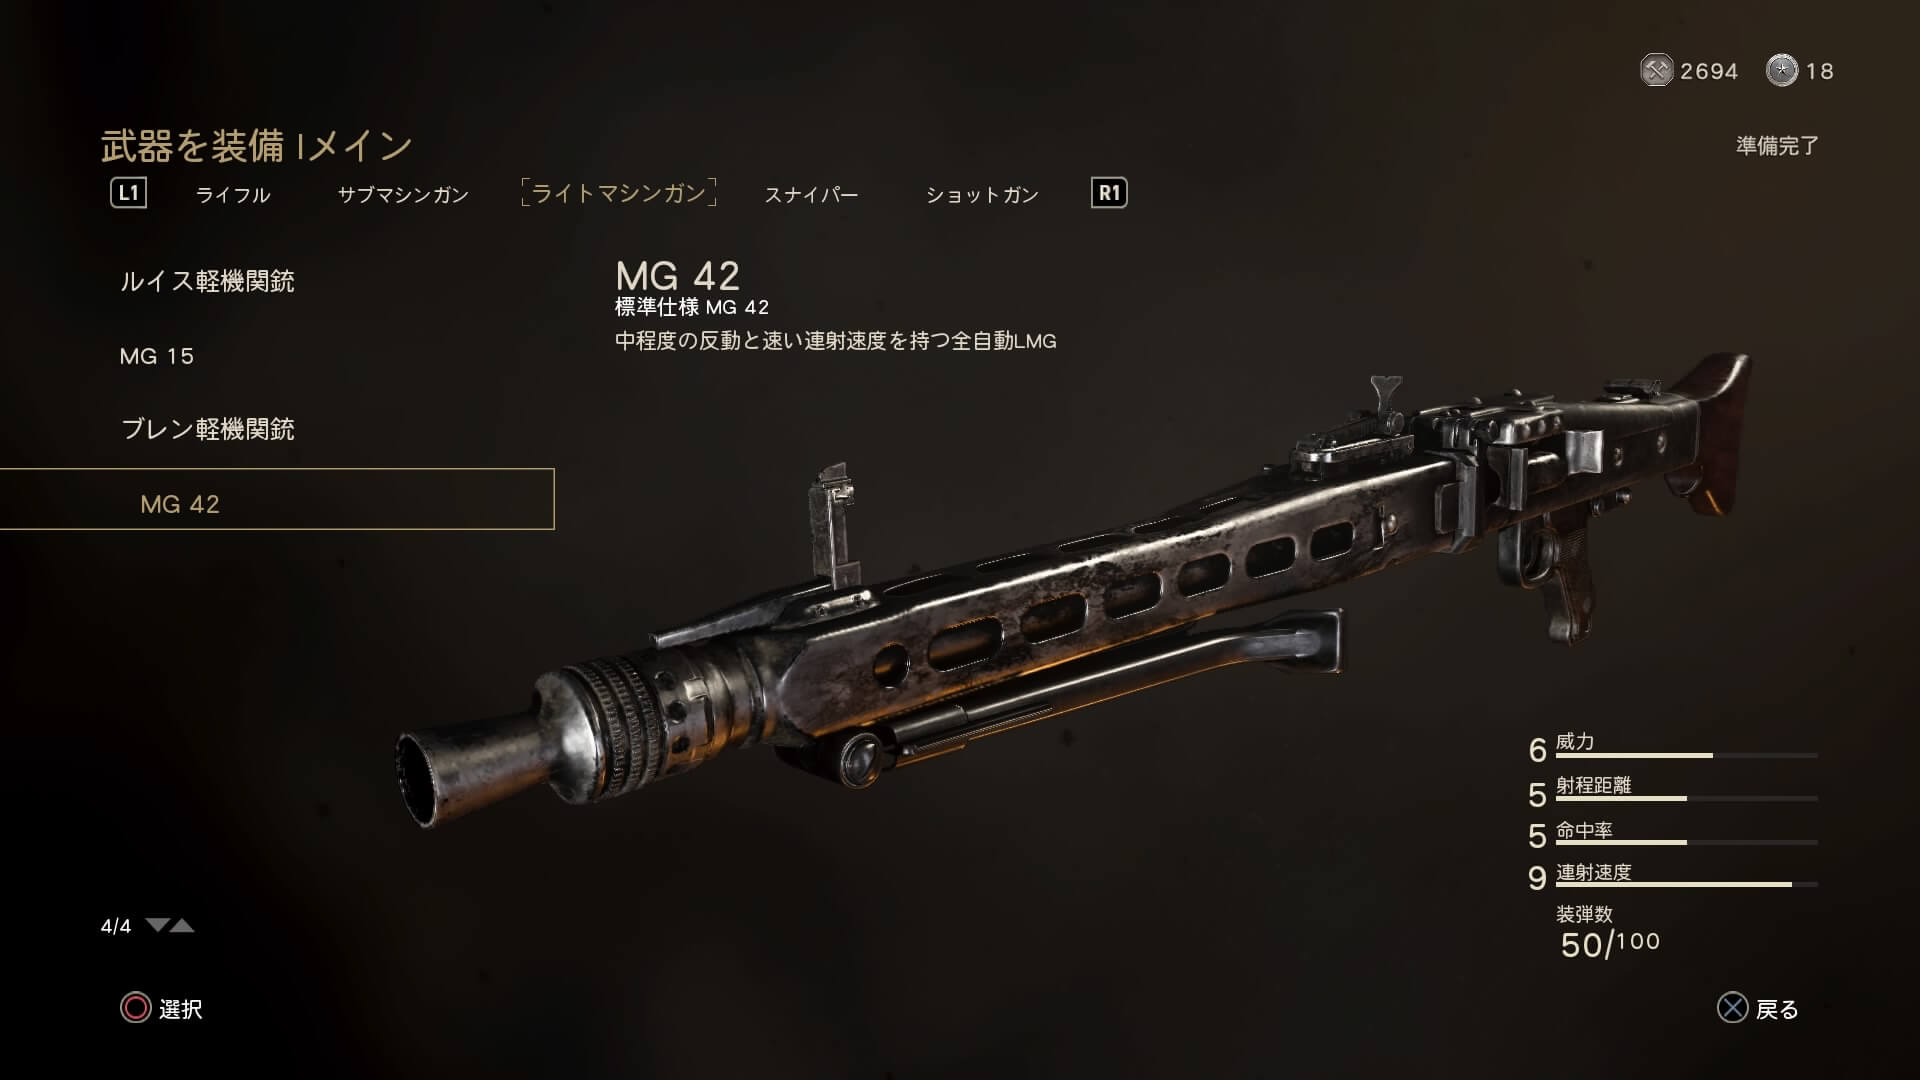 【CoD:WW2】最強のライトマシンガンはMG42?それとも、ルイス軽機関銃?